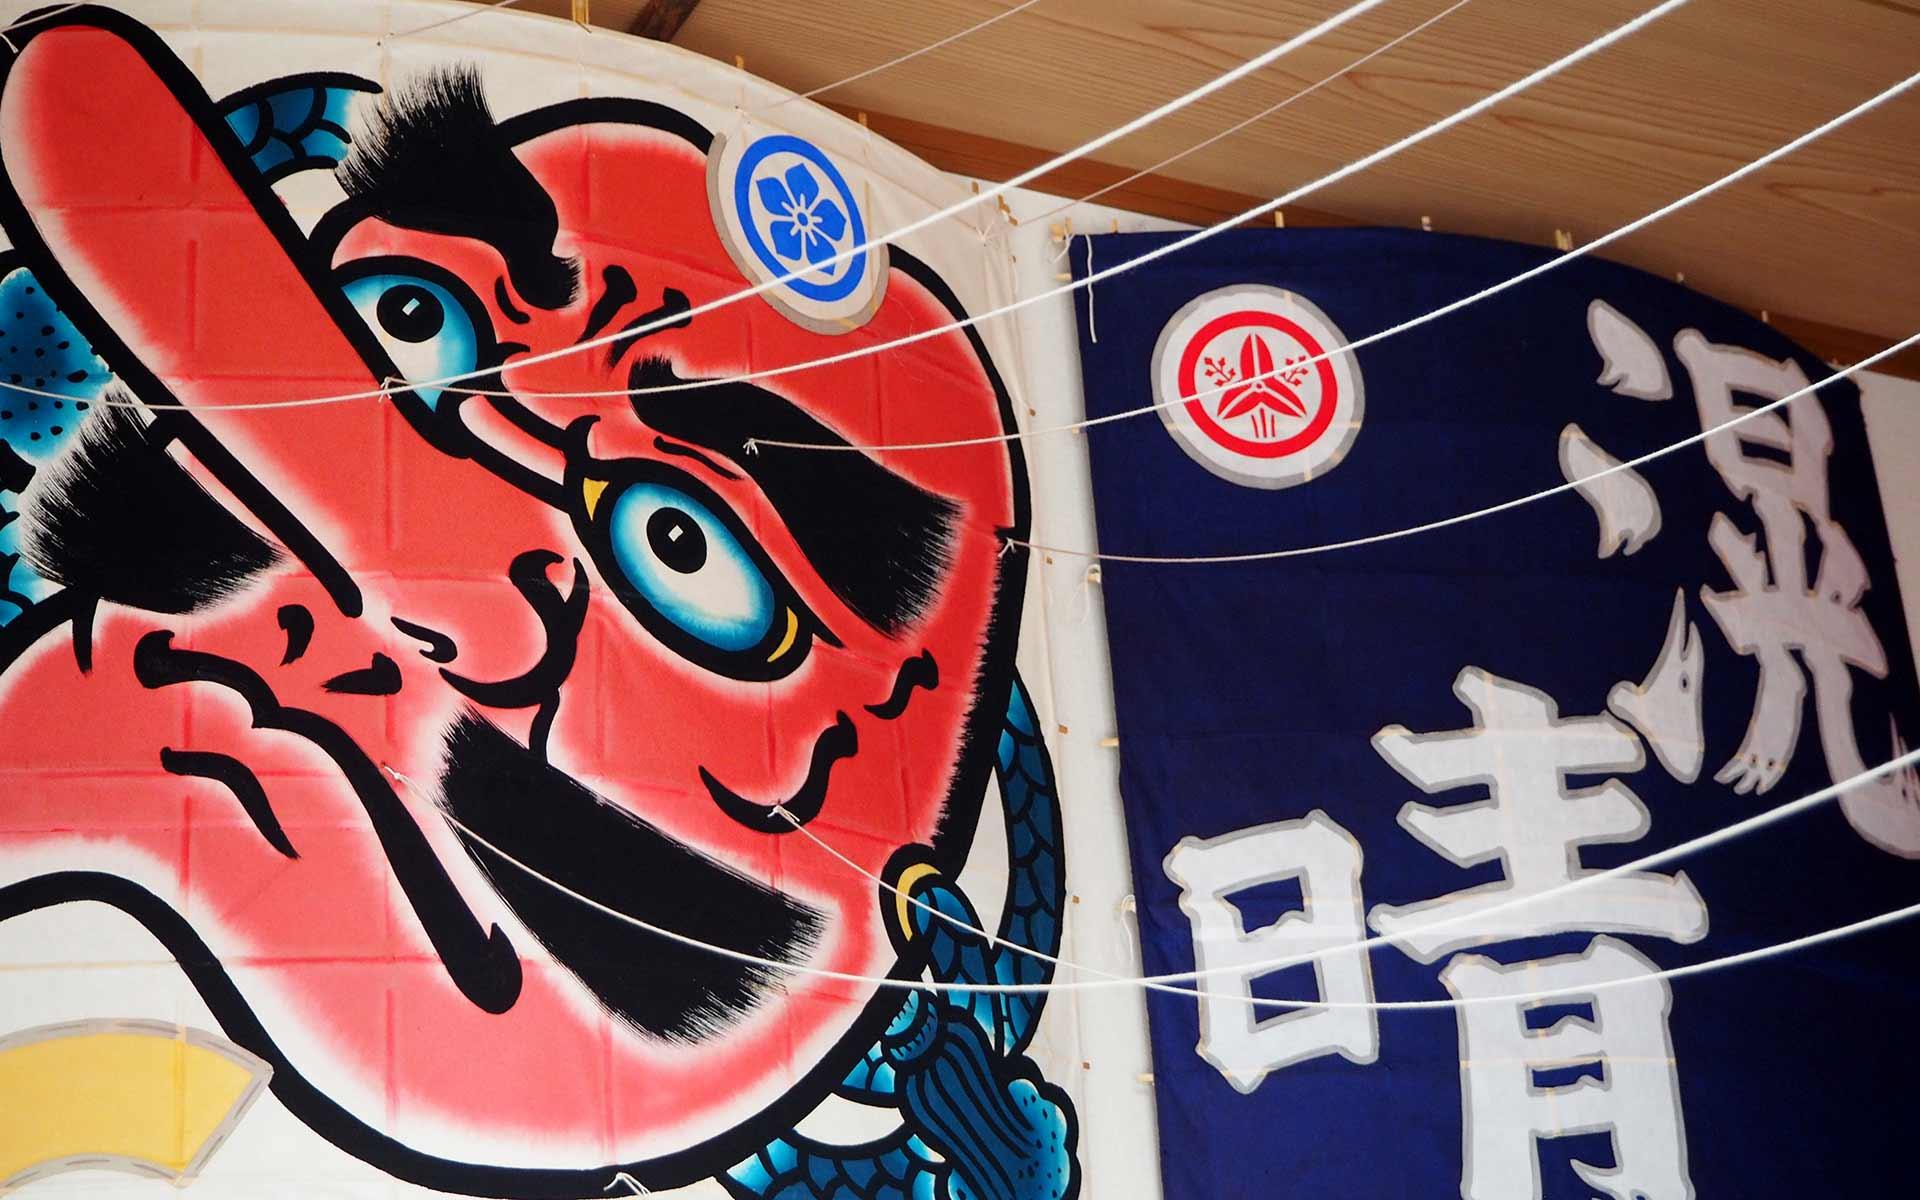 浜松の熱き伝統を支える凧職人の心意気